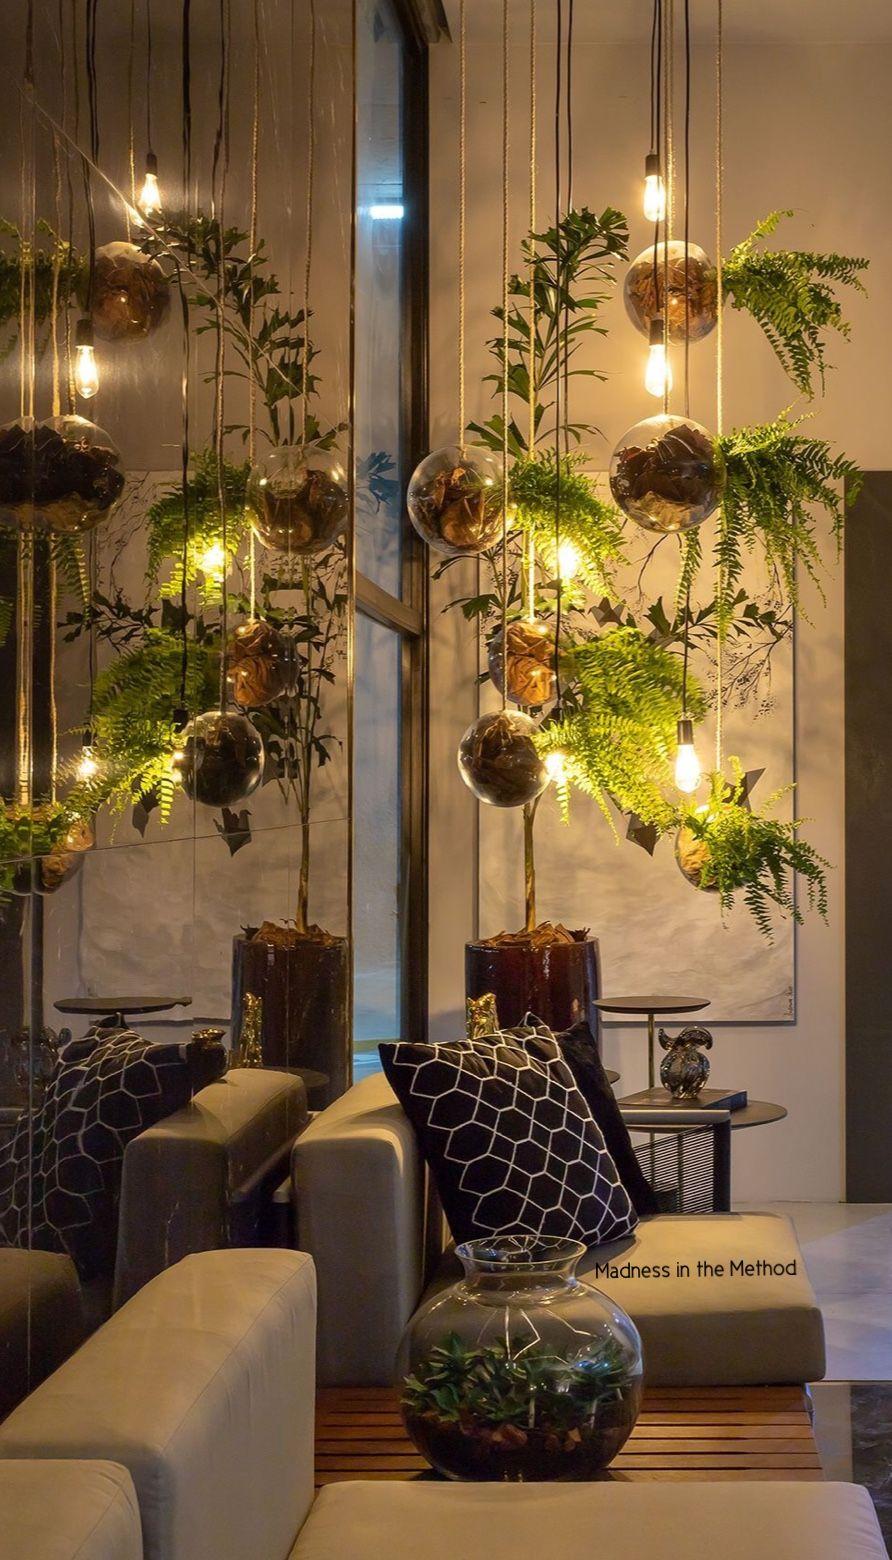 ۰۰ Lights Lamps ۰۰ House Plants Decor Decor Home Decor